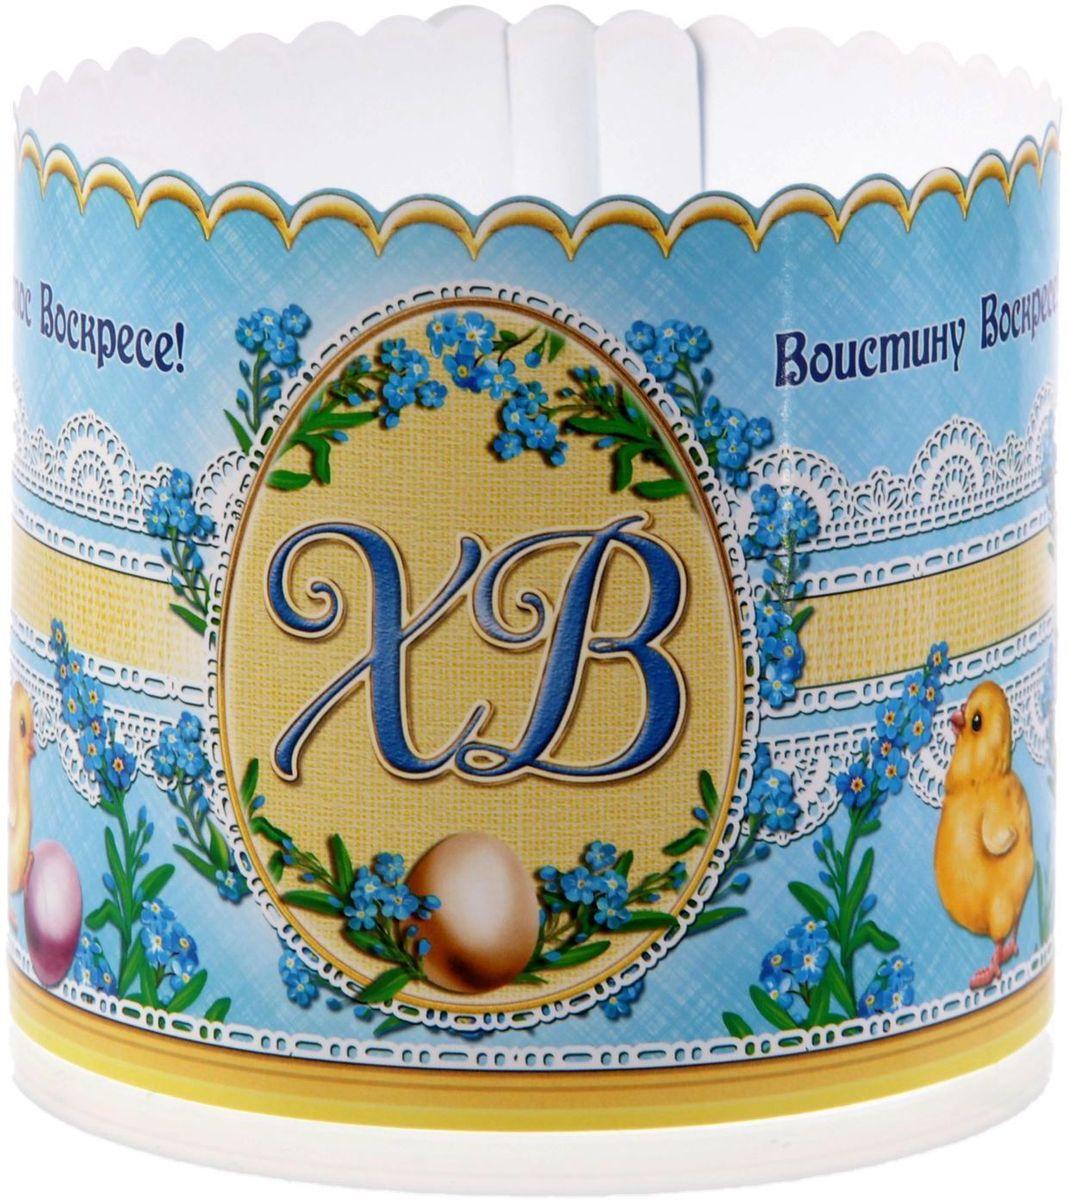 Ободок для пасхального кулича ХВ. Пасхальные яйца, 41,6 х 10 см. 1546266115510Ободок для пасхального кулича — отличное дополнение для торжества. Аксессуар украсит праздничный стол и защитит угощение от маленьких ручек, которые так и норовят отщипнуть кусочек от угощения. Размер ободка регулируется, поэтому он подходит для больших и маленьких куличей.